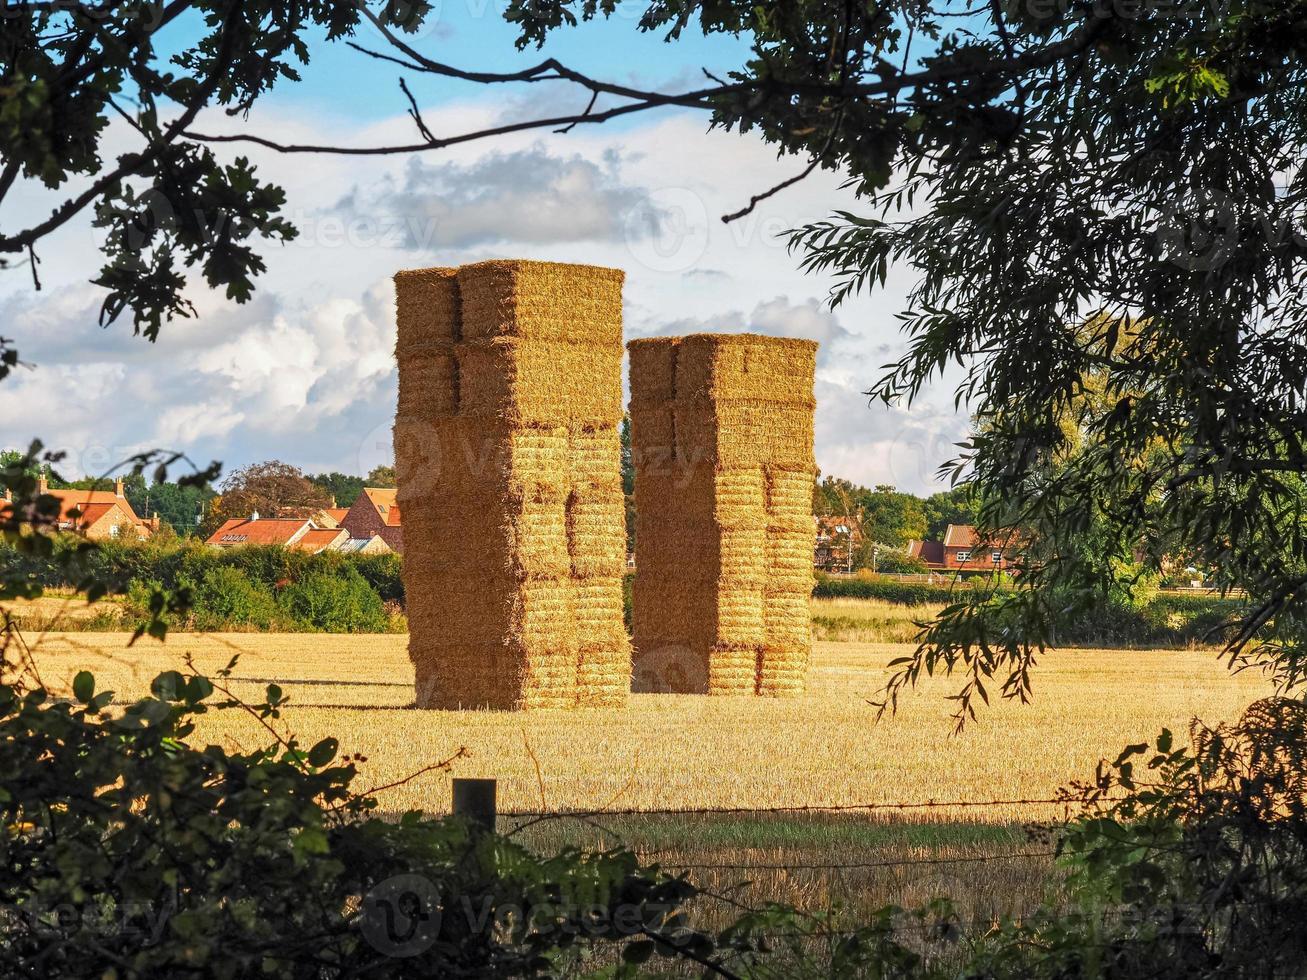 dois montes de feno em um campo em skipwith north yorkshire inglaterra foto